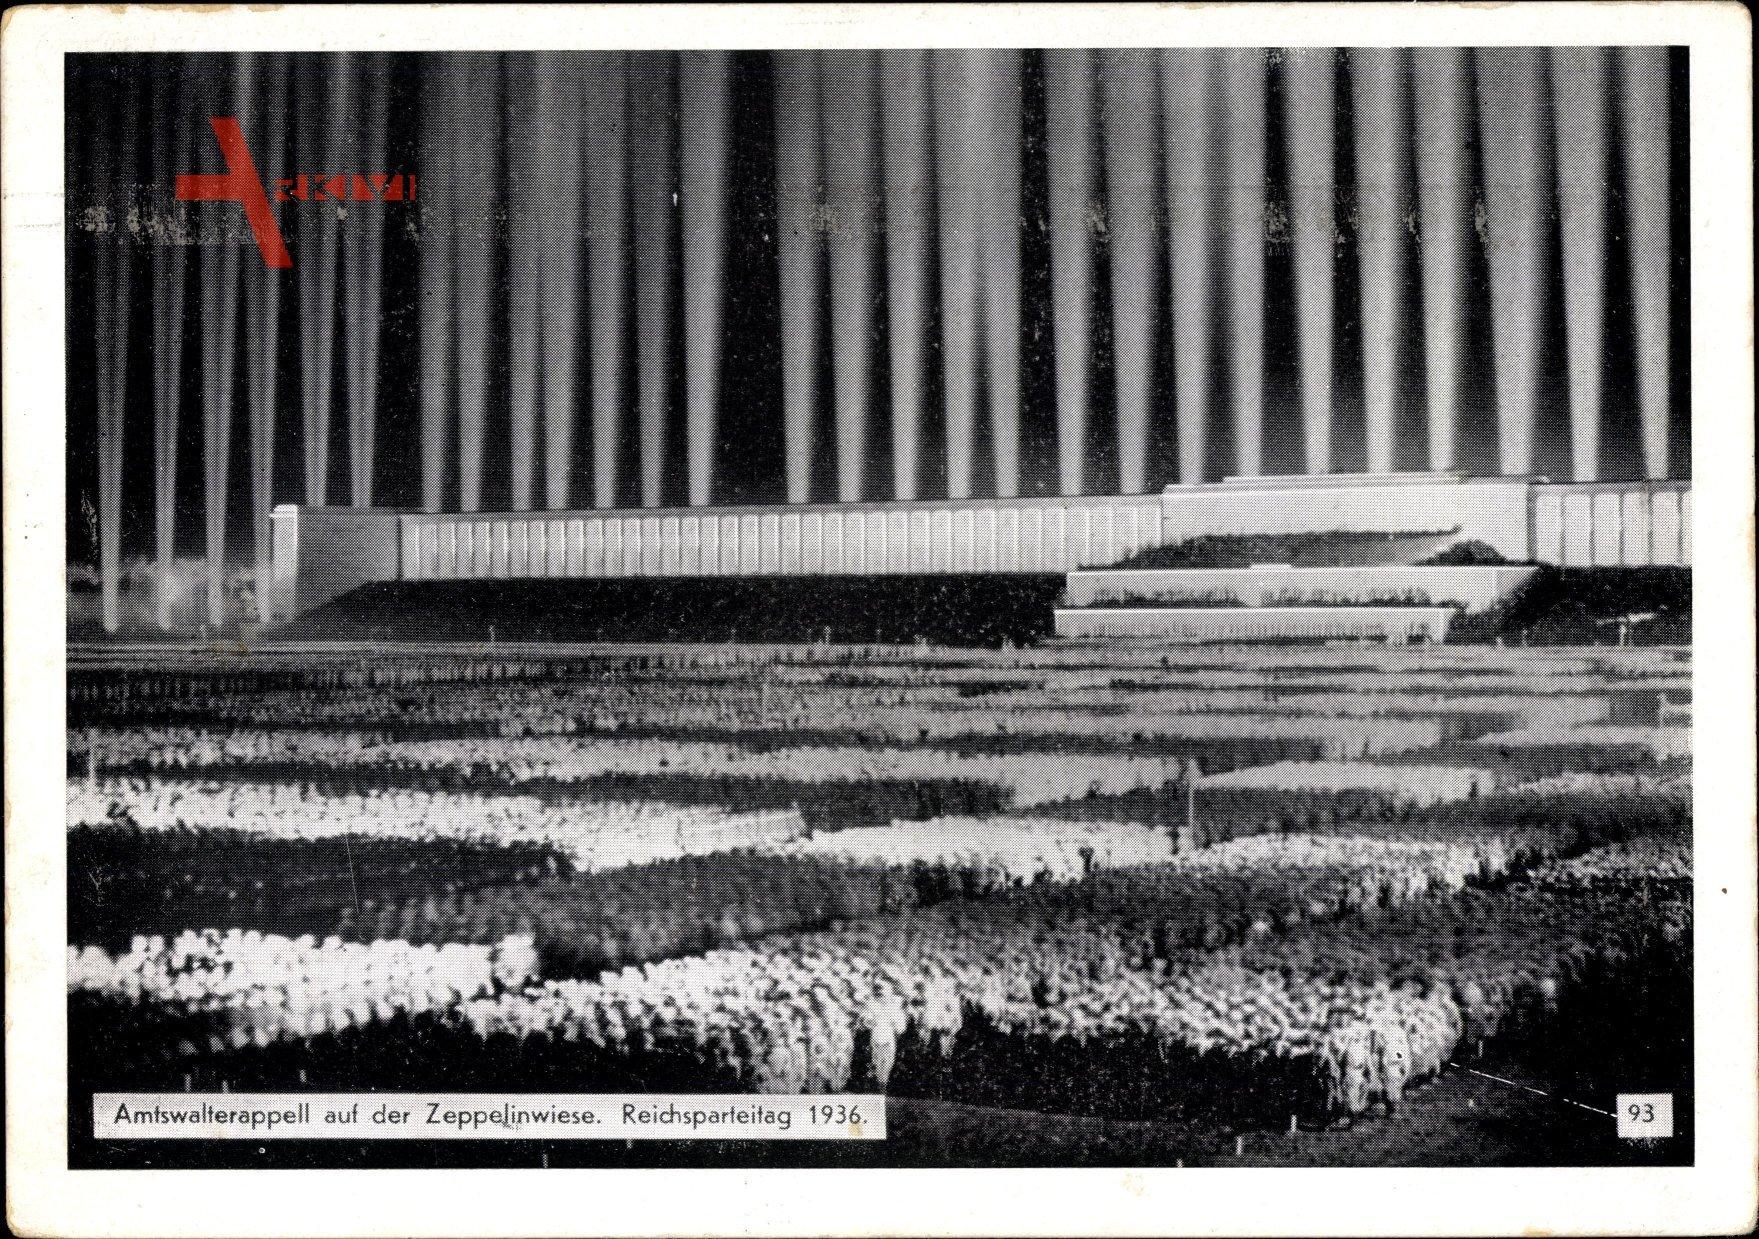 Nürnberg, Reichsparteitag, Amtswalterappell auf der Zeppelinwiese, Nachtbeleuchtung